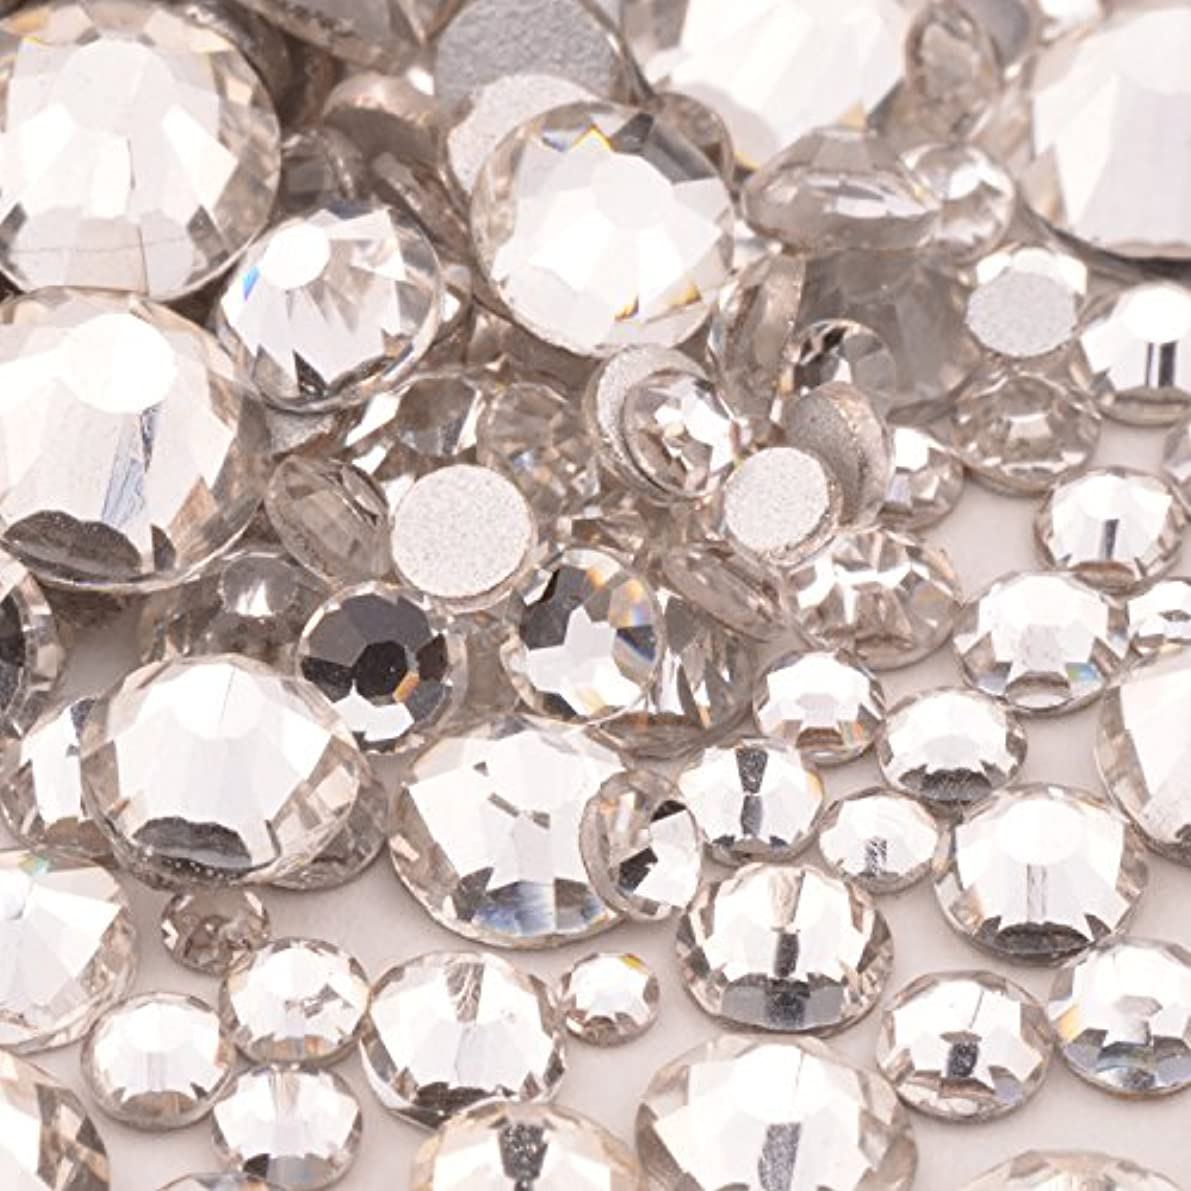 高品質ガラスストーン mixサイズ SS20 SS16 SS12 SS10 SS8 SS6 SS4 SS3 (入数1000粒以上) (クリスタルmix)